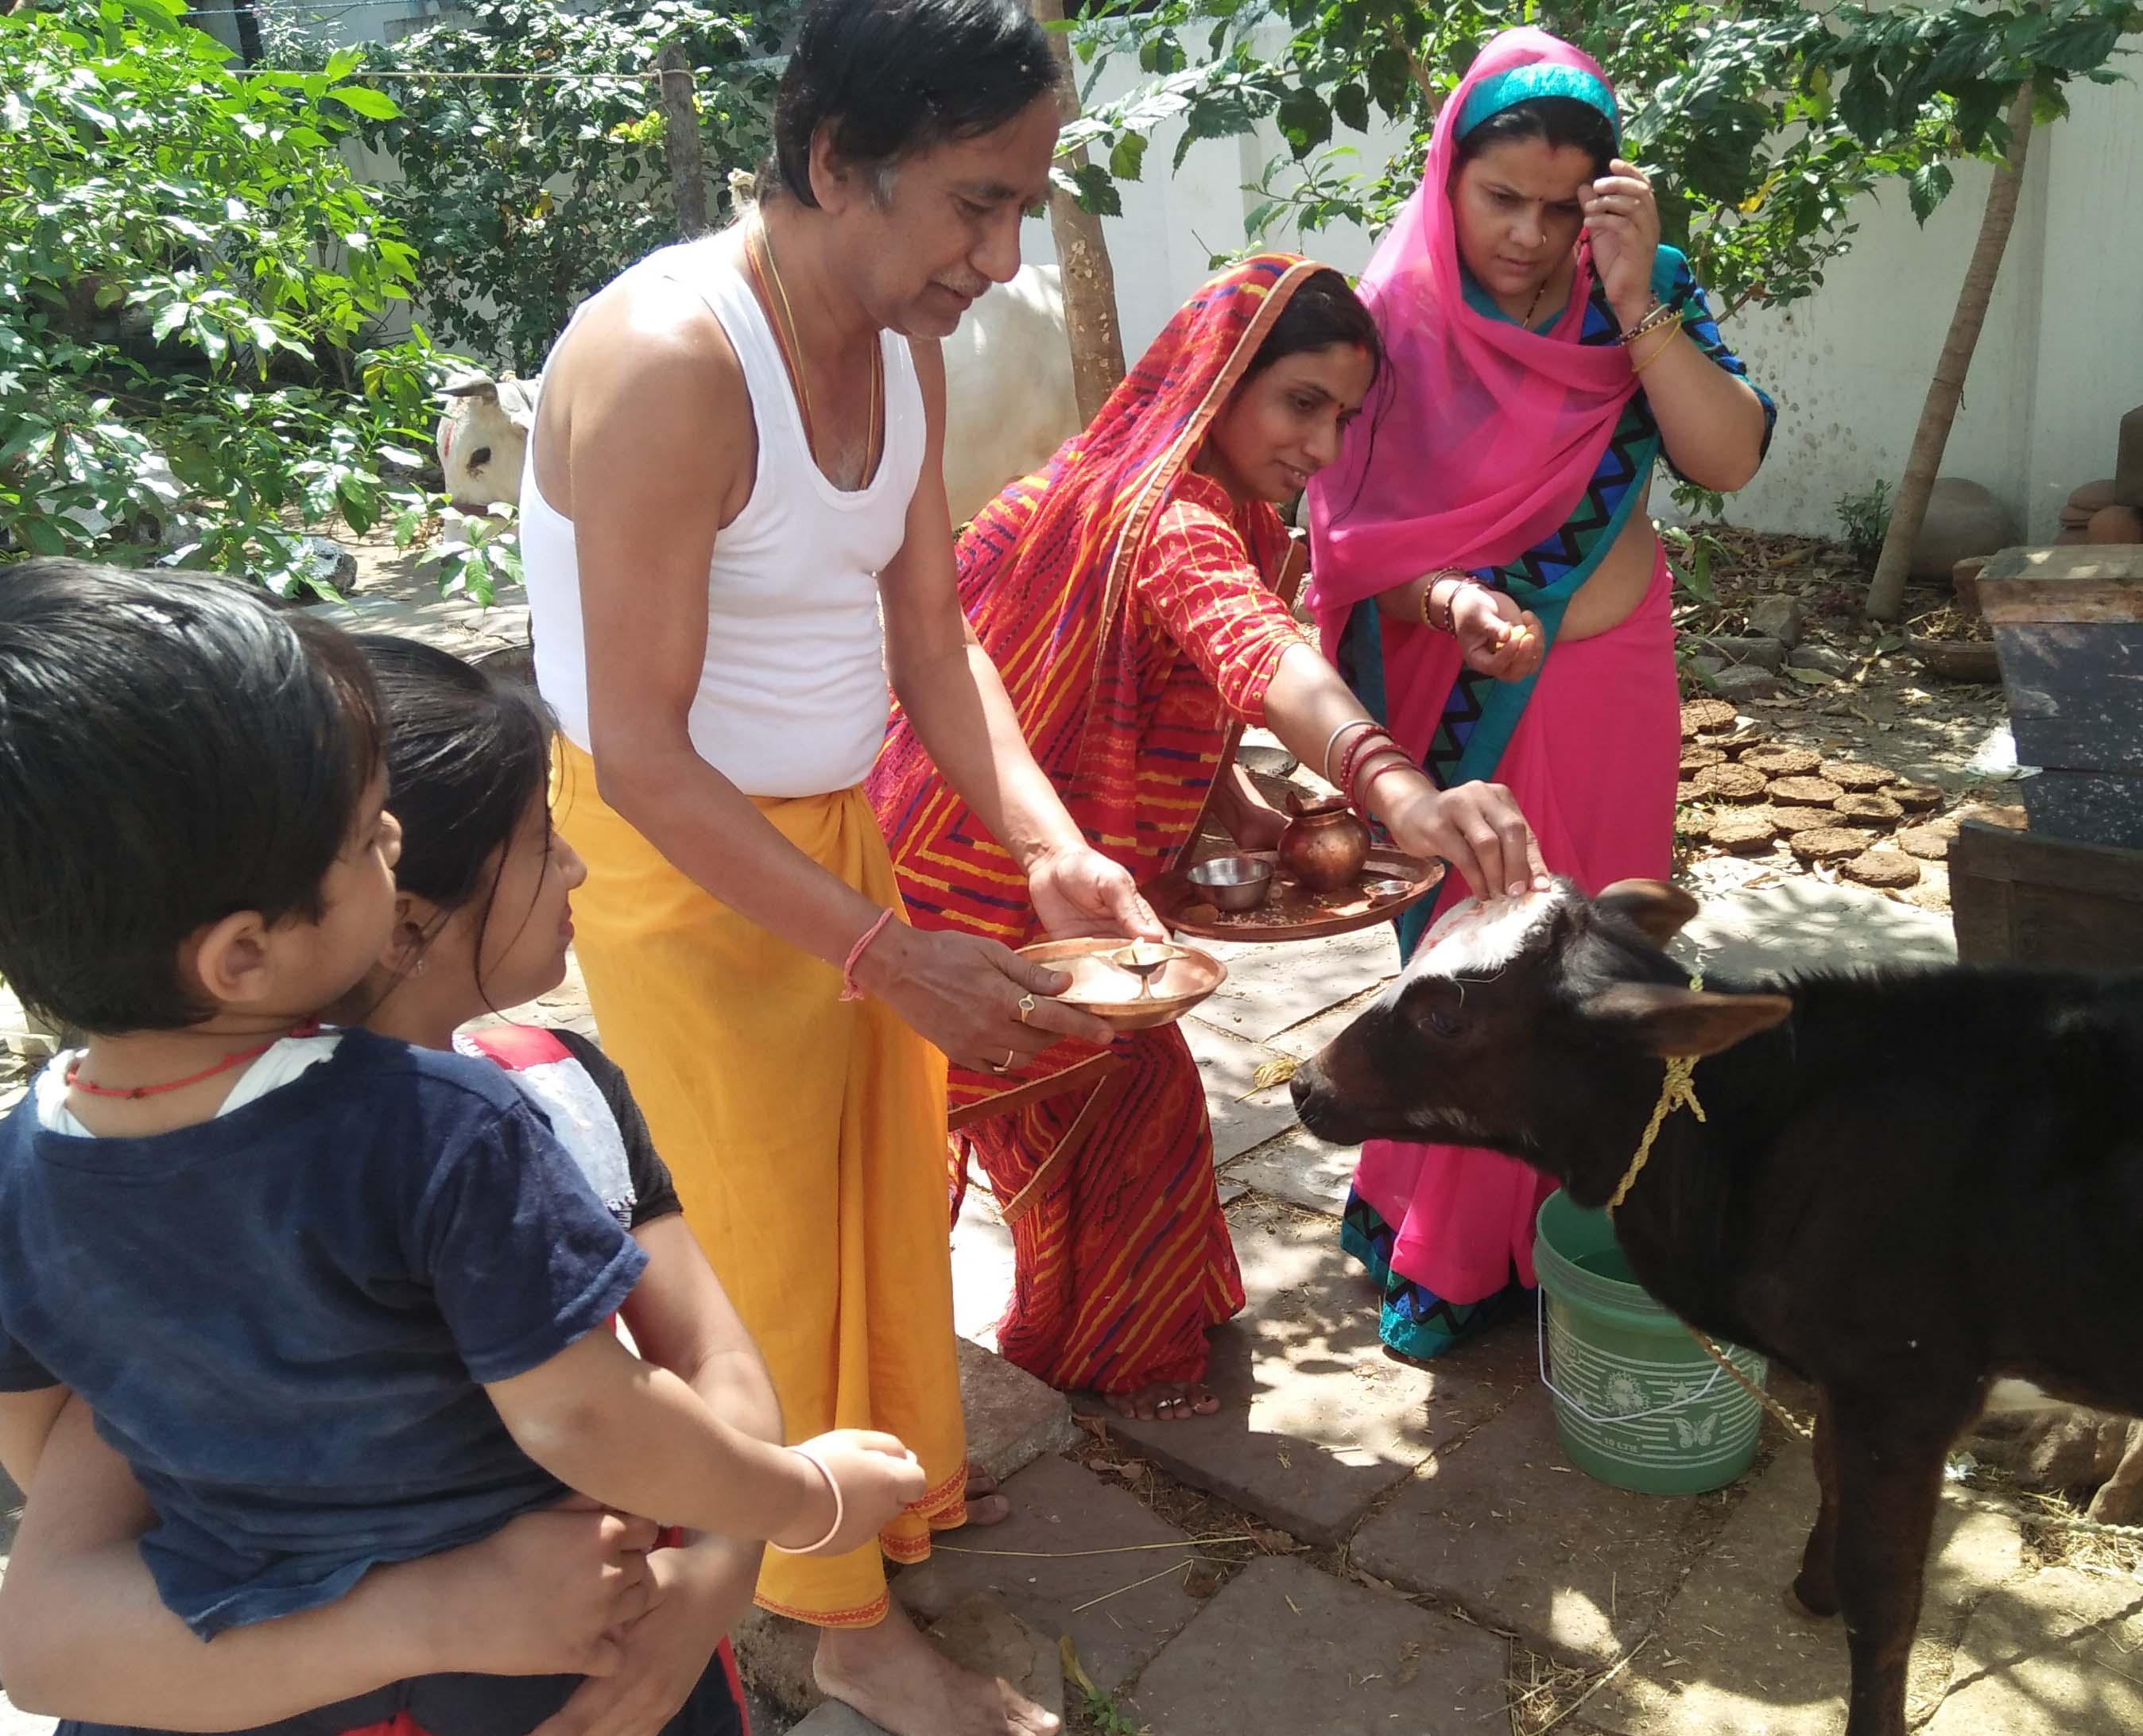 गौ-वत्स द्वादषी पर करें गाय का पूजा, होगा यह फायदा